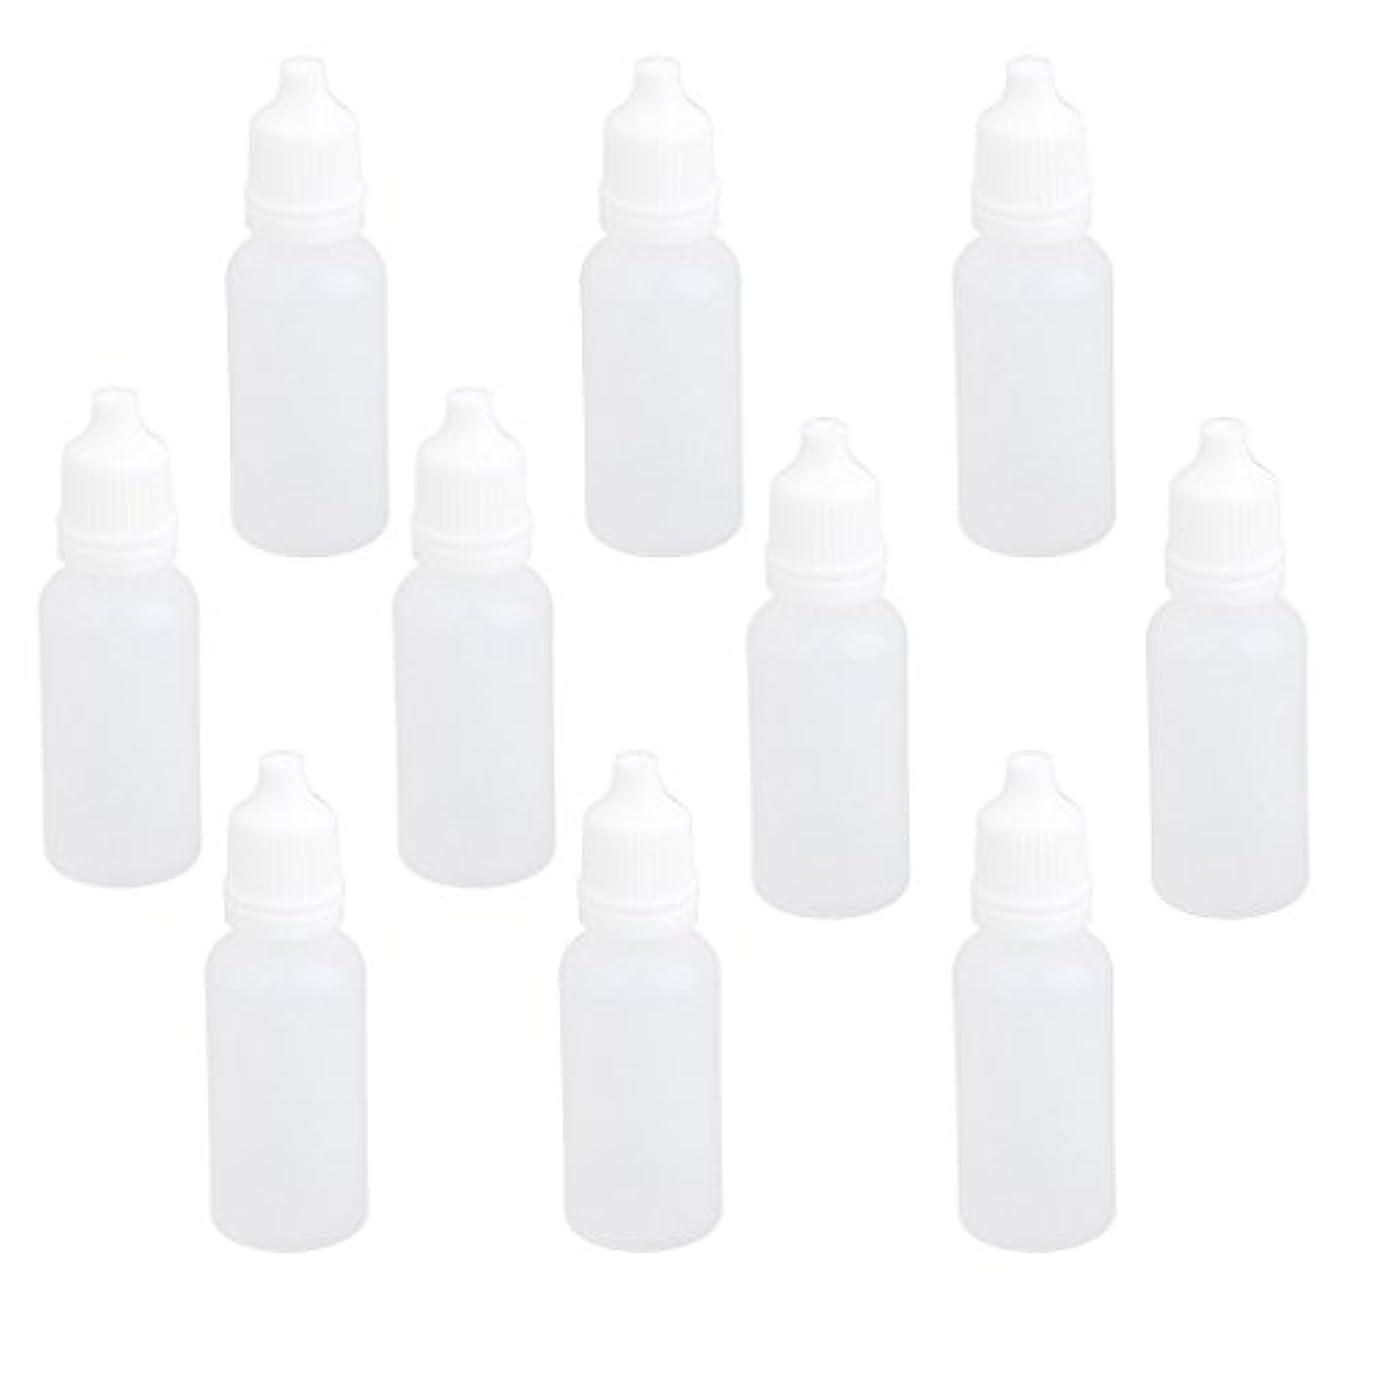 紛争モディッシュマンモス【ノーブランド品】ドロッパーボトル 点眼 液体 貯蔵用 滴瓶 プラスチック製 10個 (15ml)